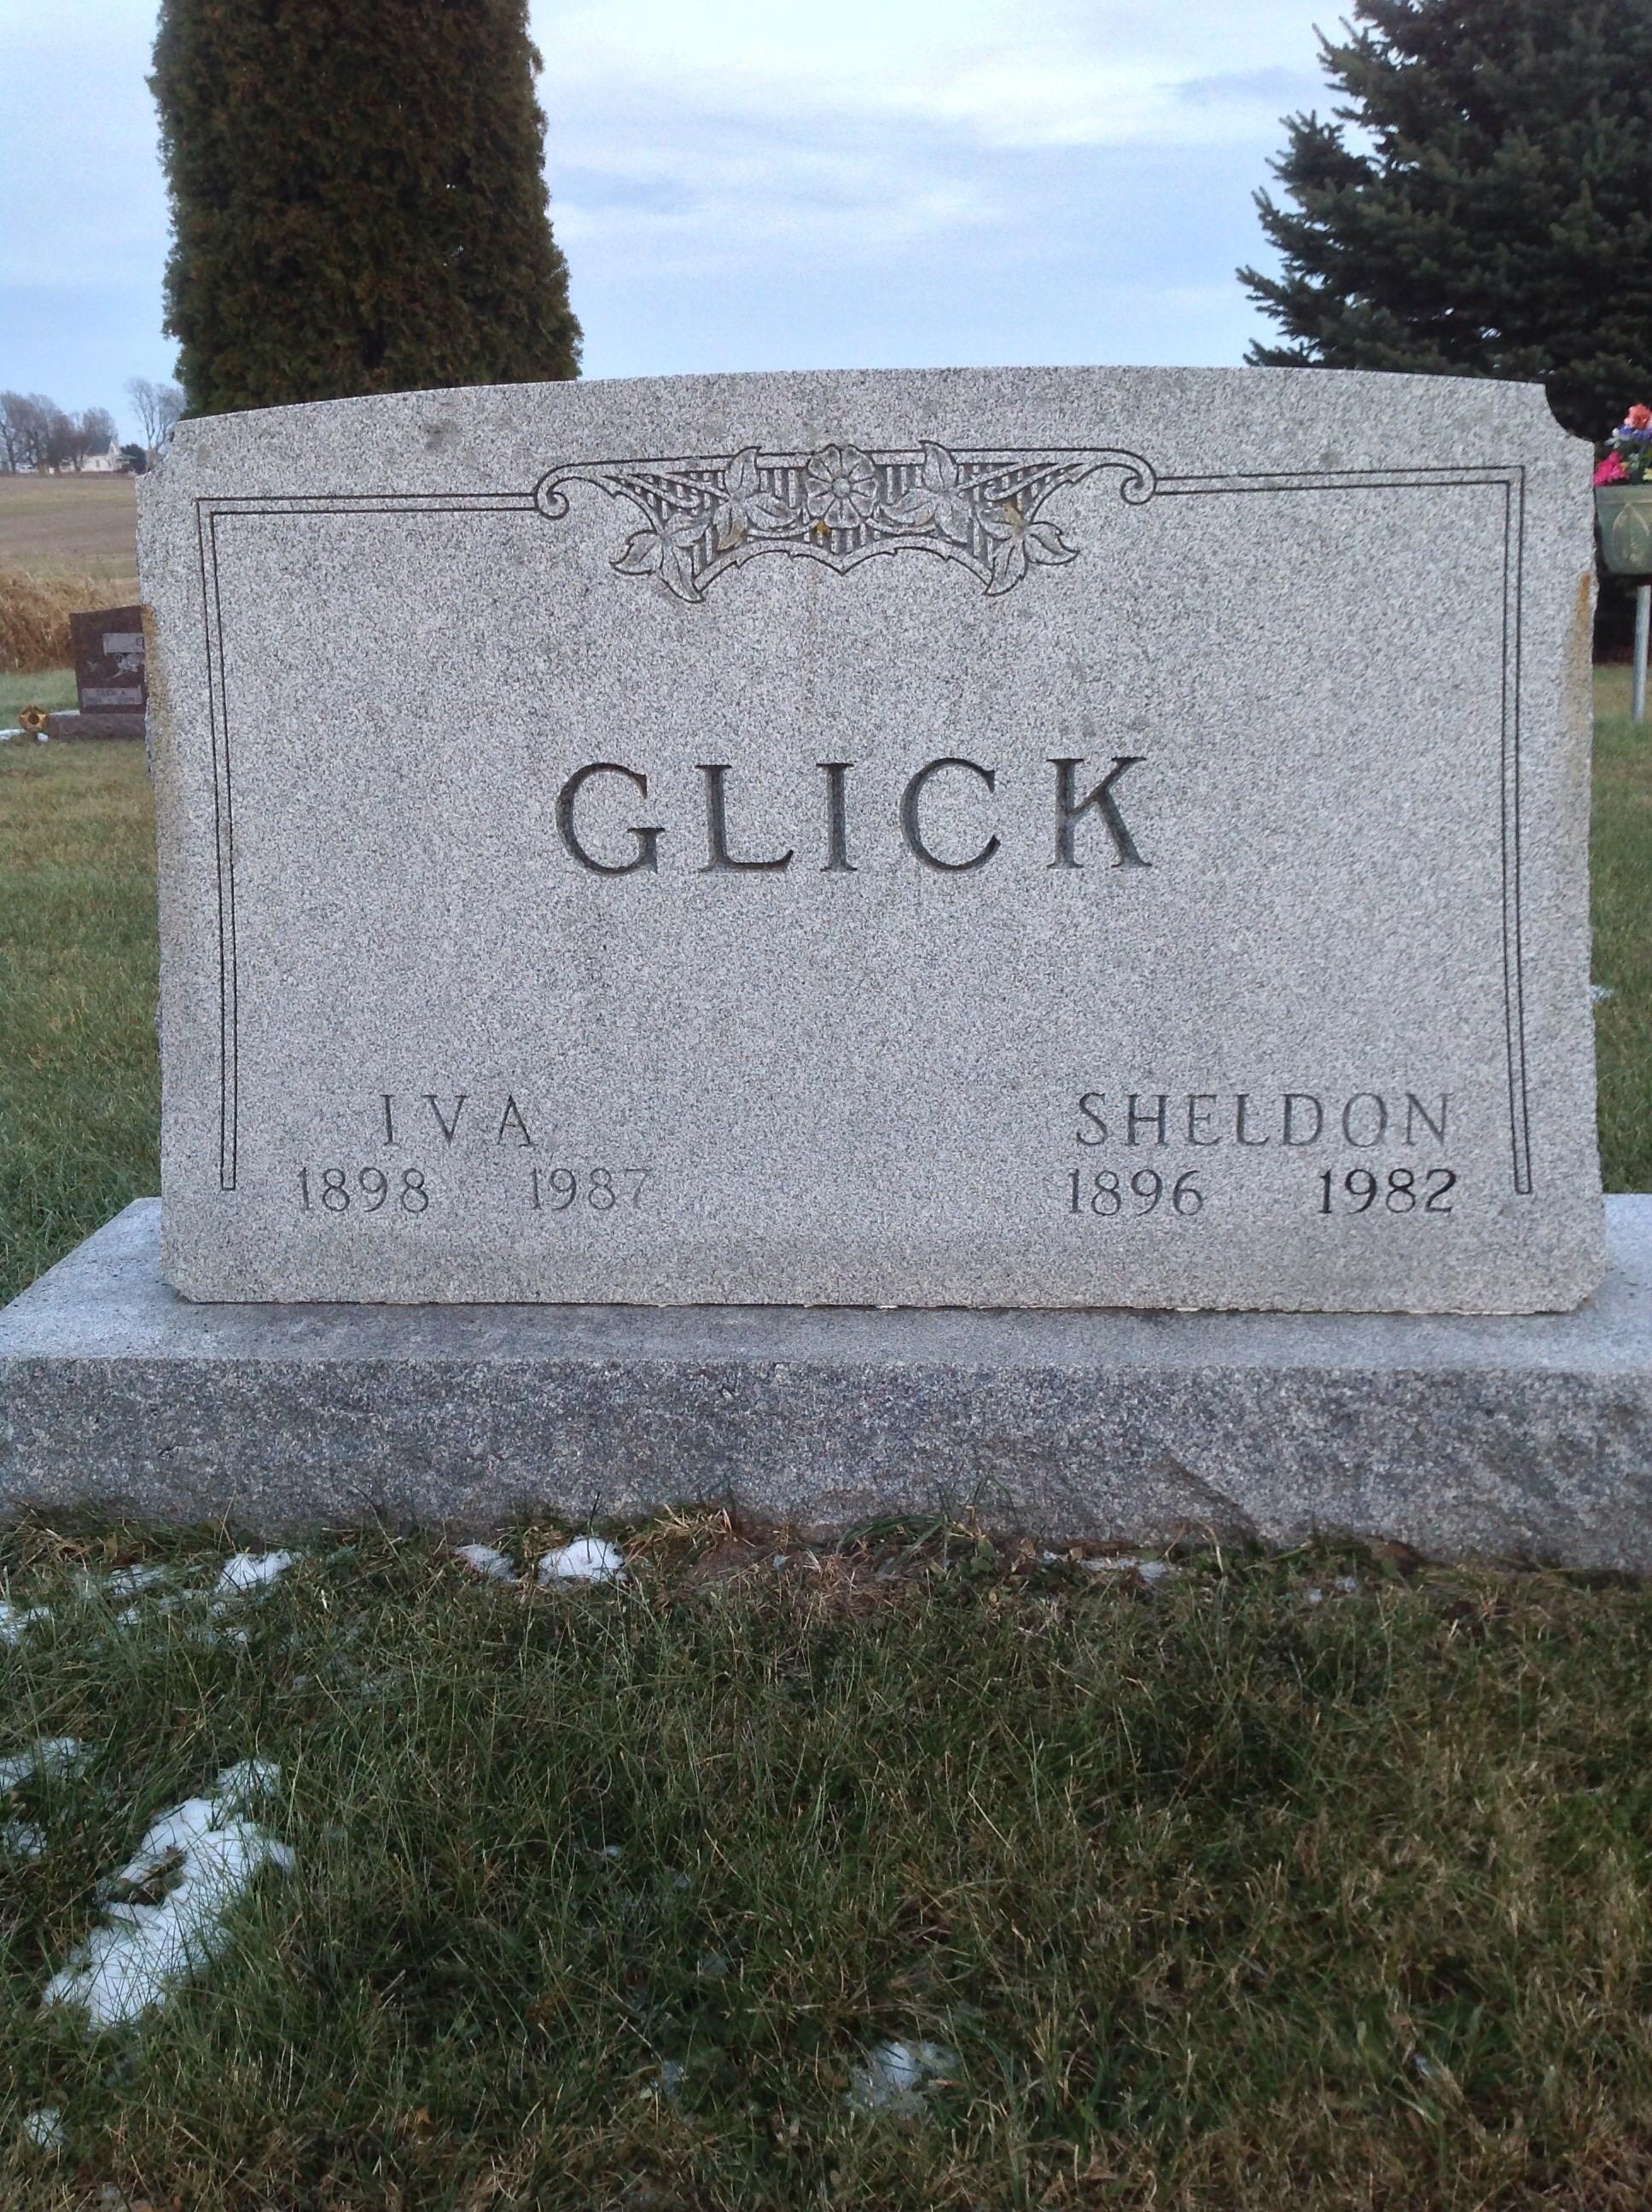 Iva Glick